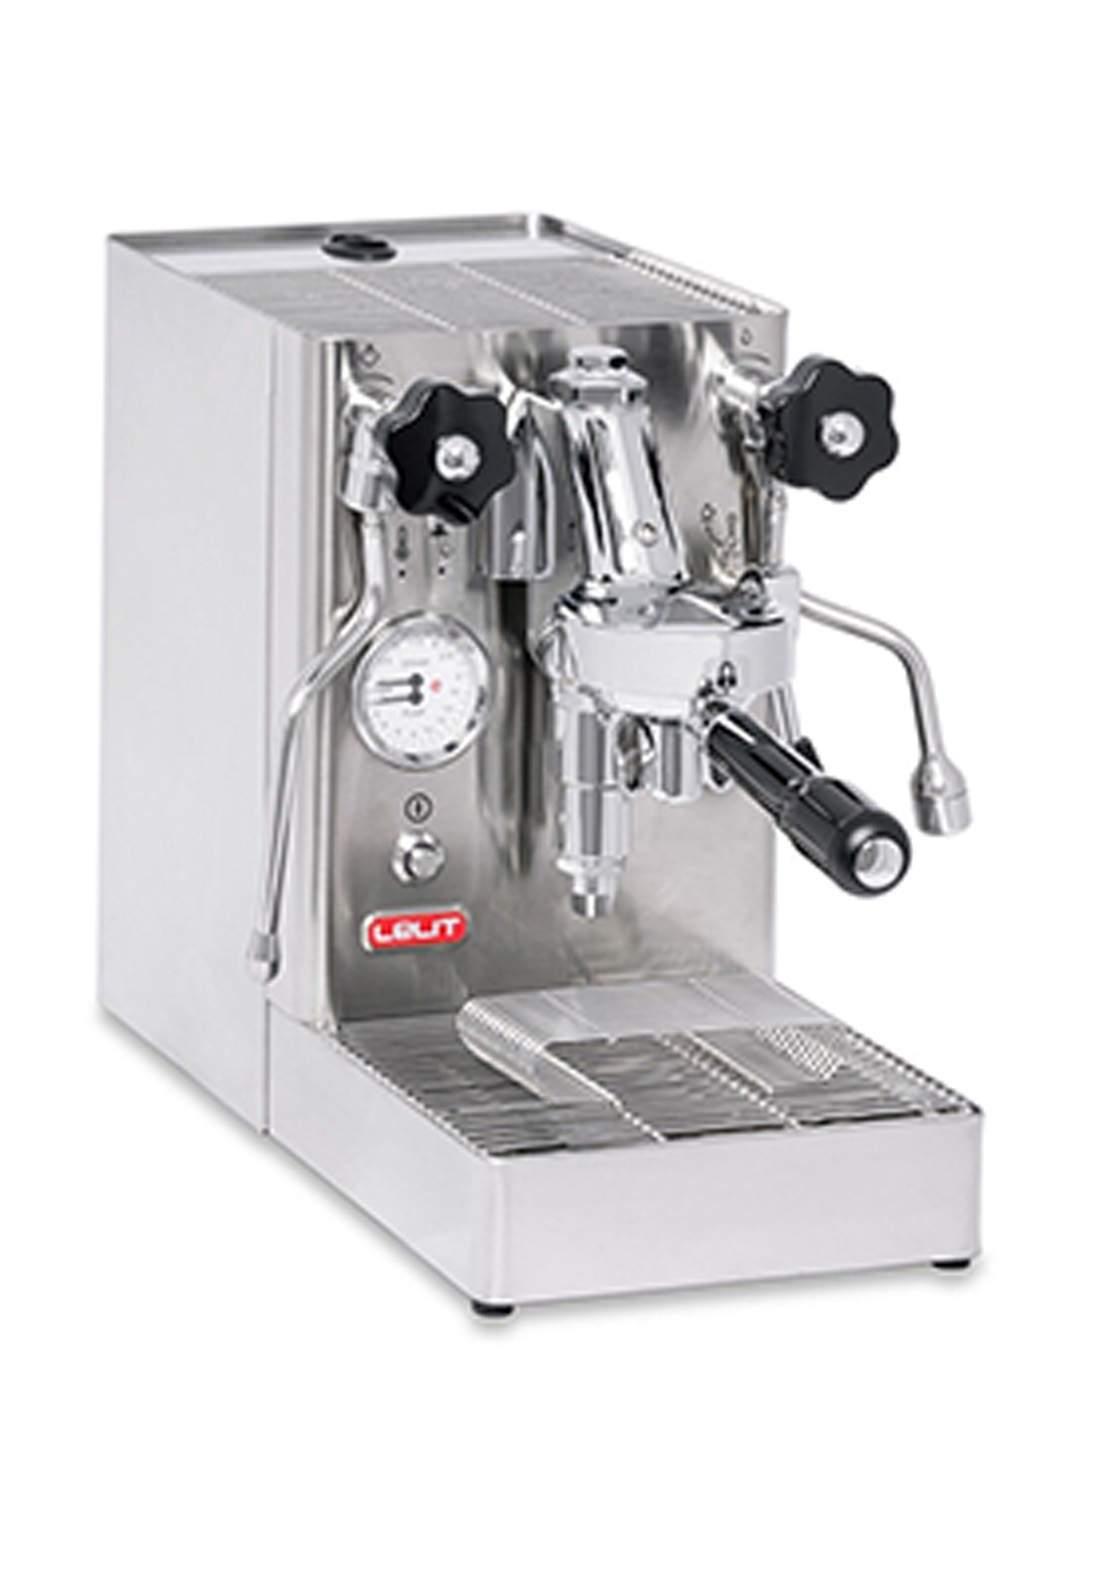 Lelit PL62X Espresso Machine 1400 Watt ماكنة صنع قهوة